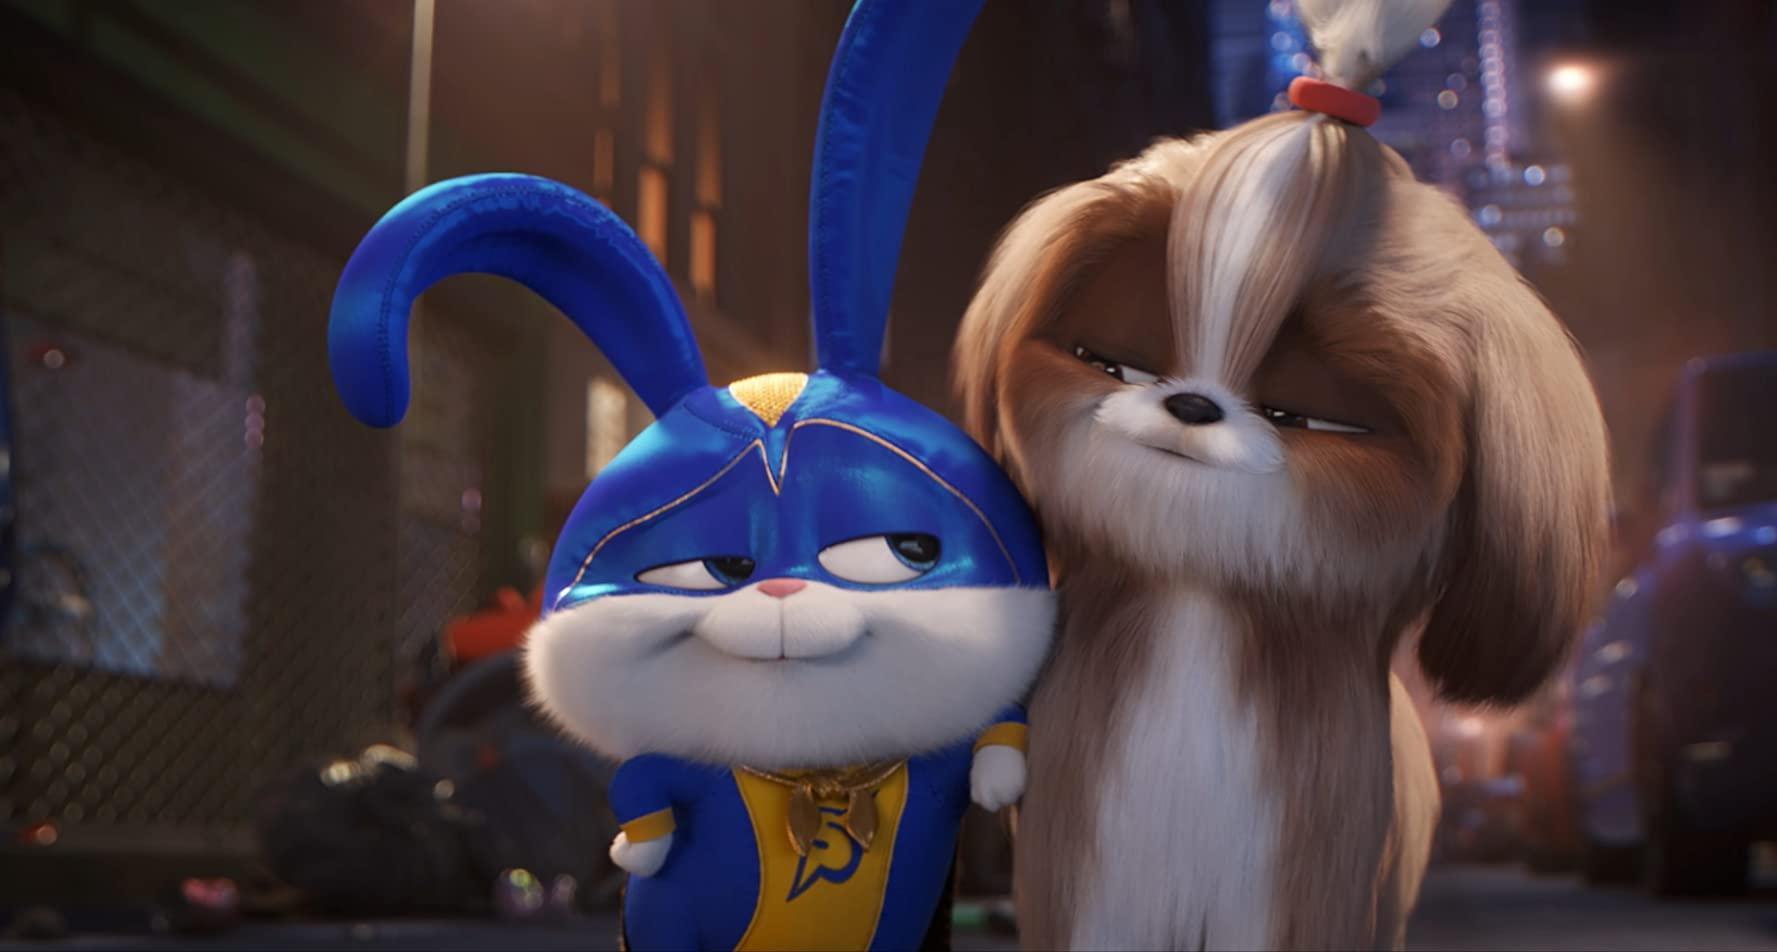 مشاهدة فيلم The Secret Life of Pets 2 (2019) مترجم HD اون لاين